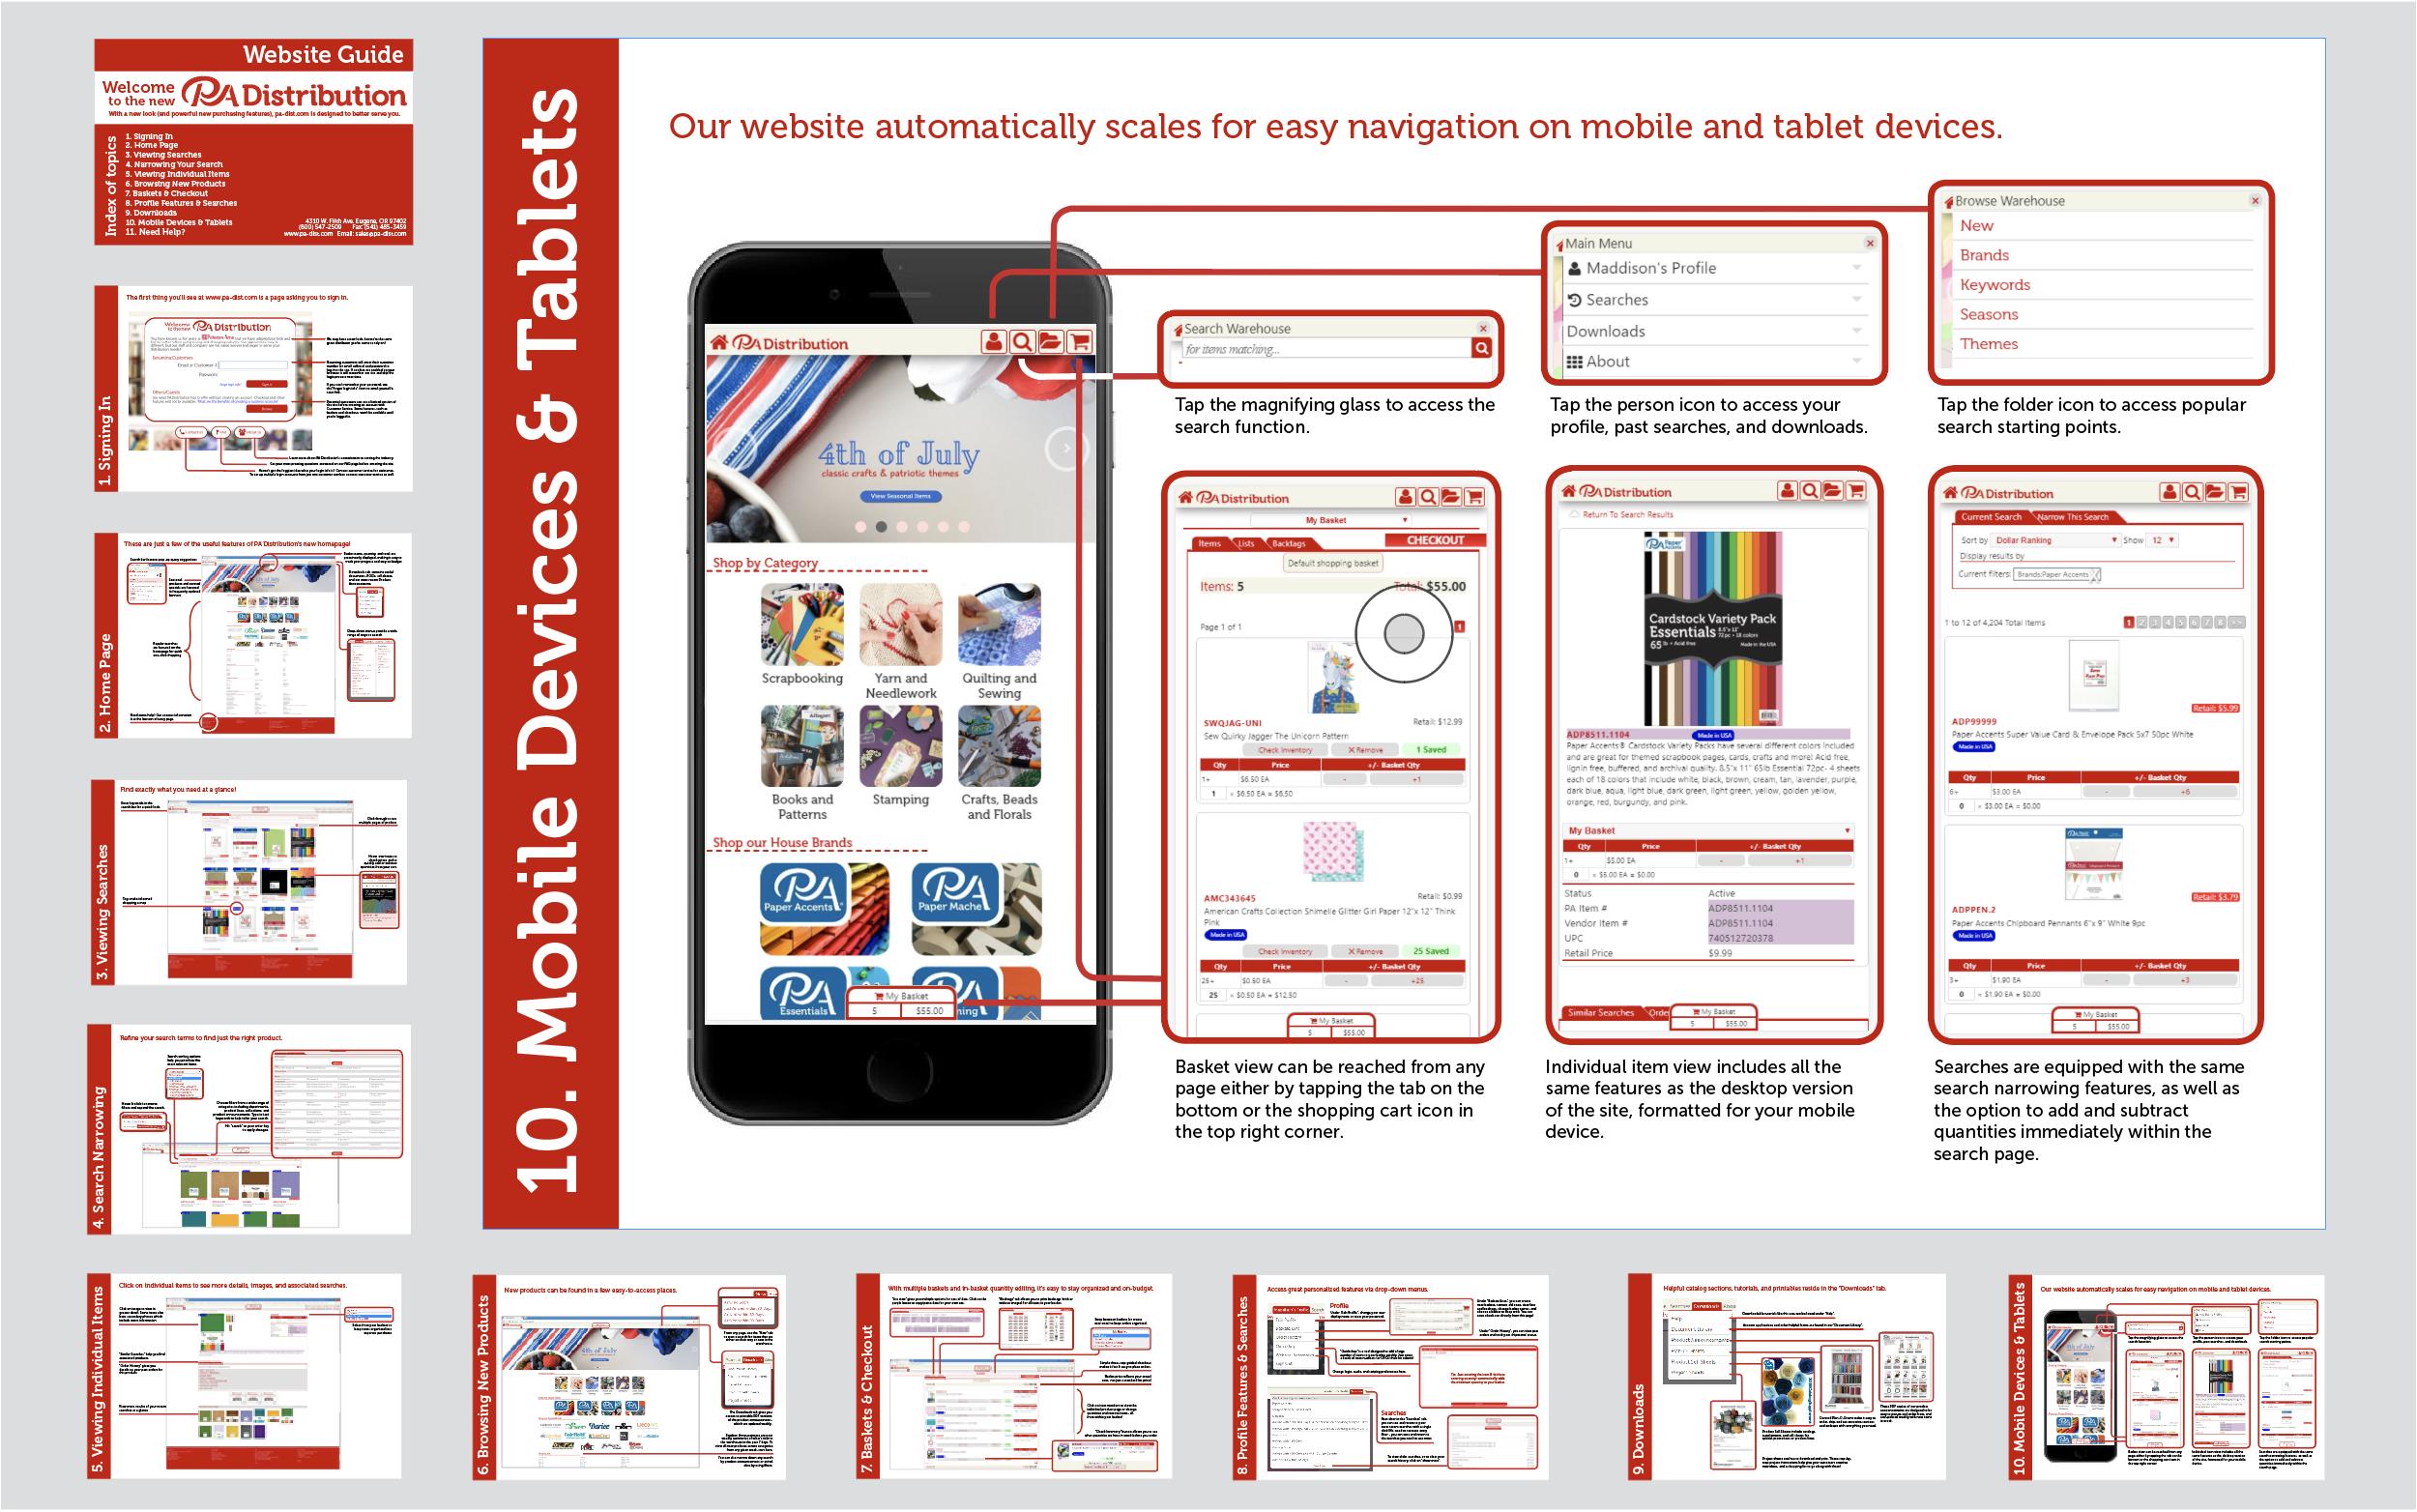 PA Distribution website guide  (design & copywriting)